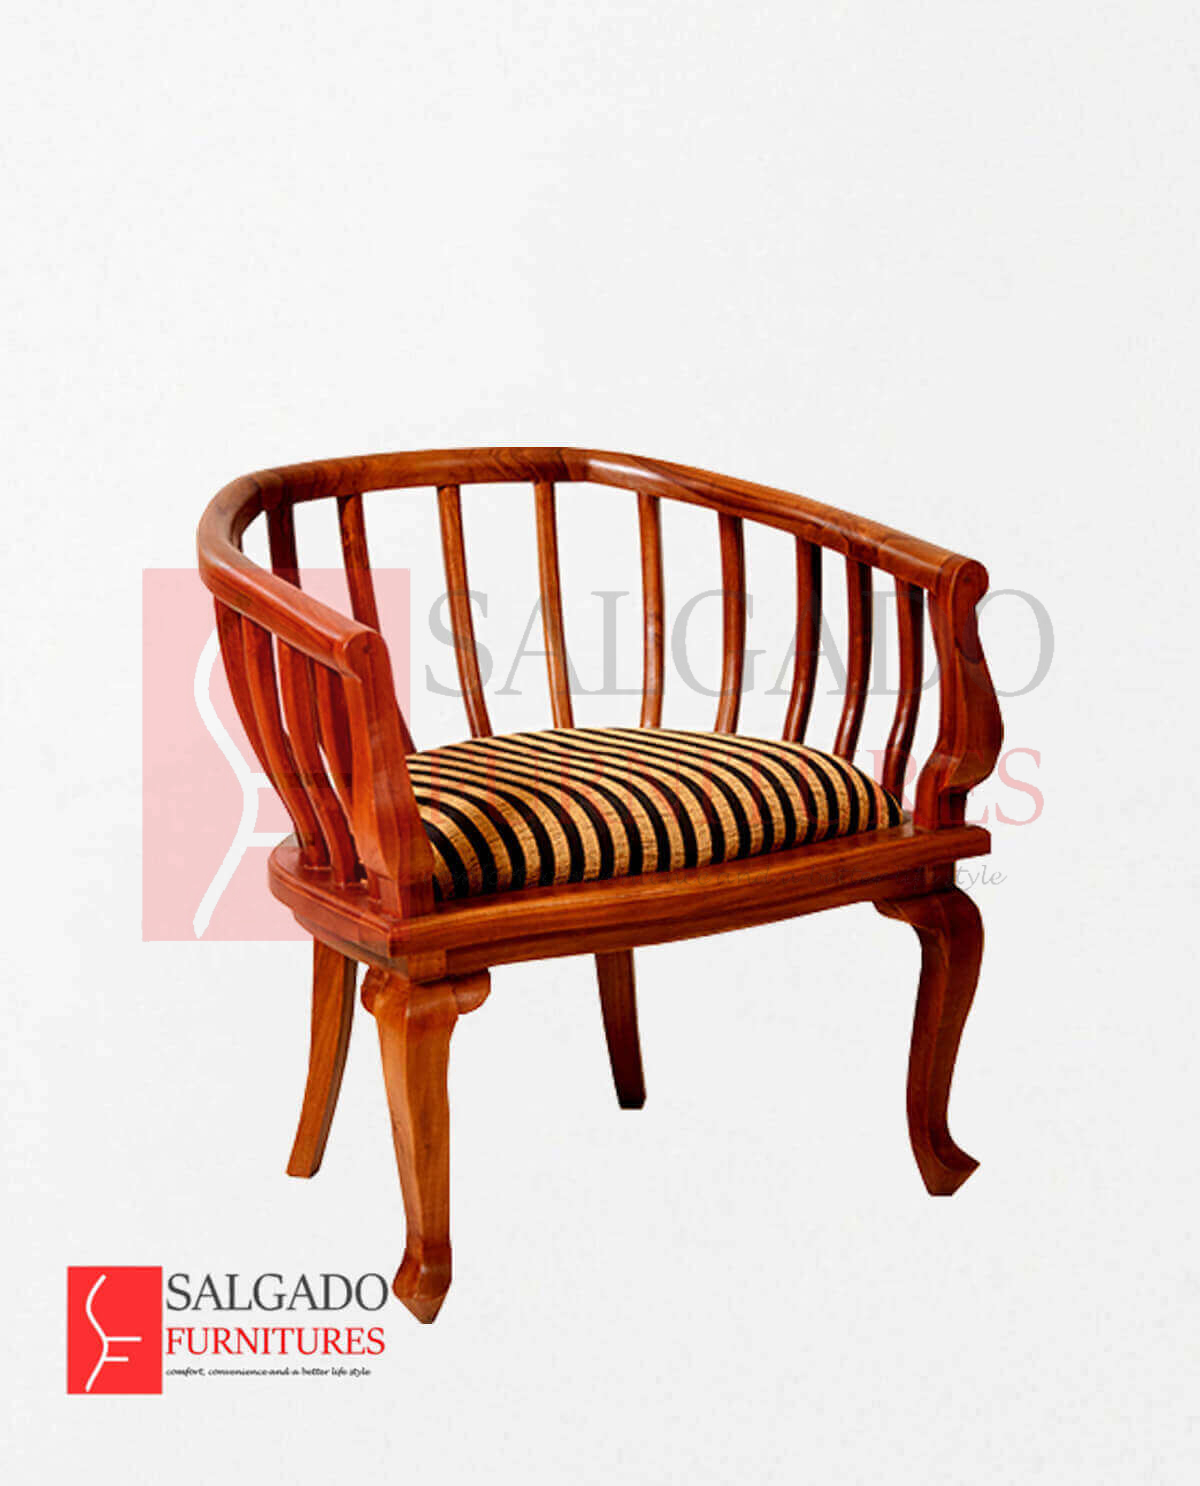 moratumulla-varandha-chair